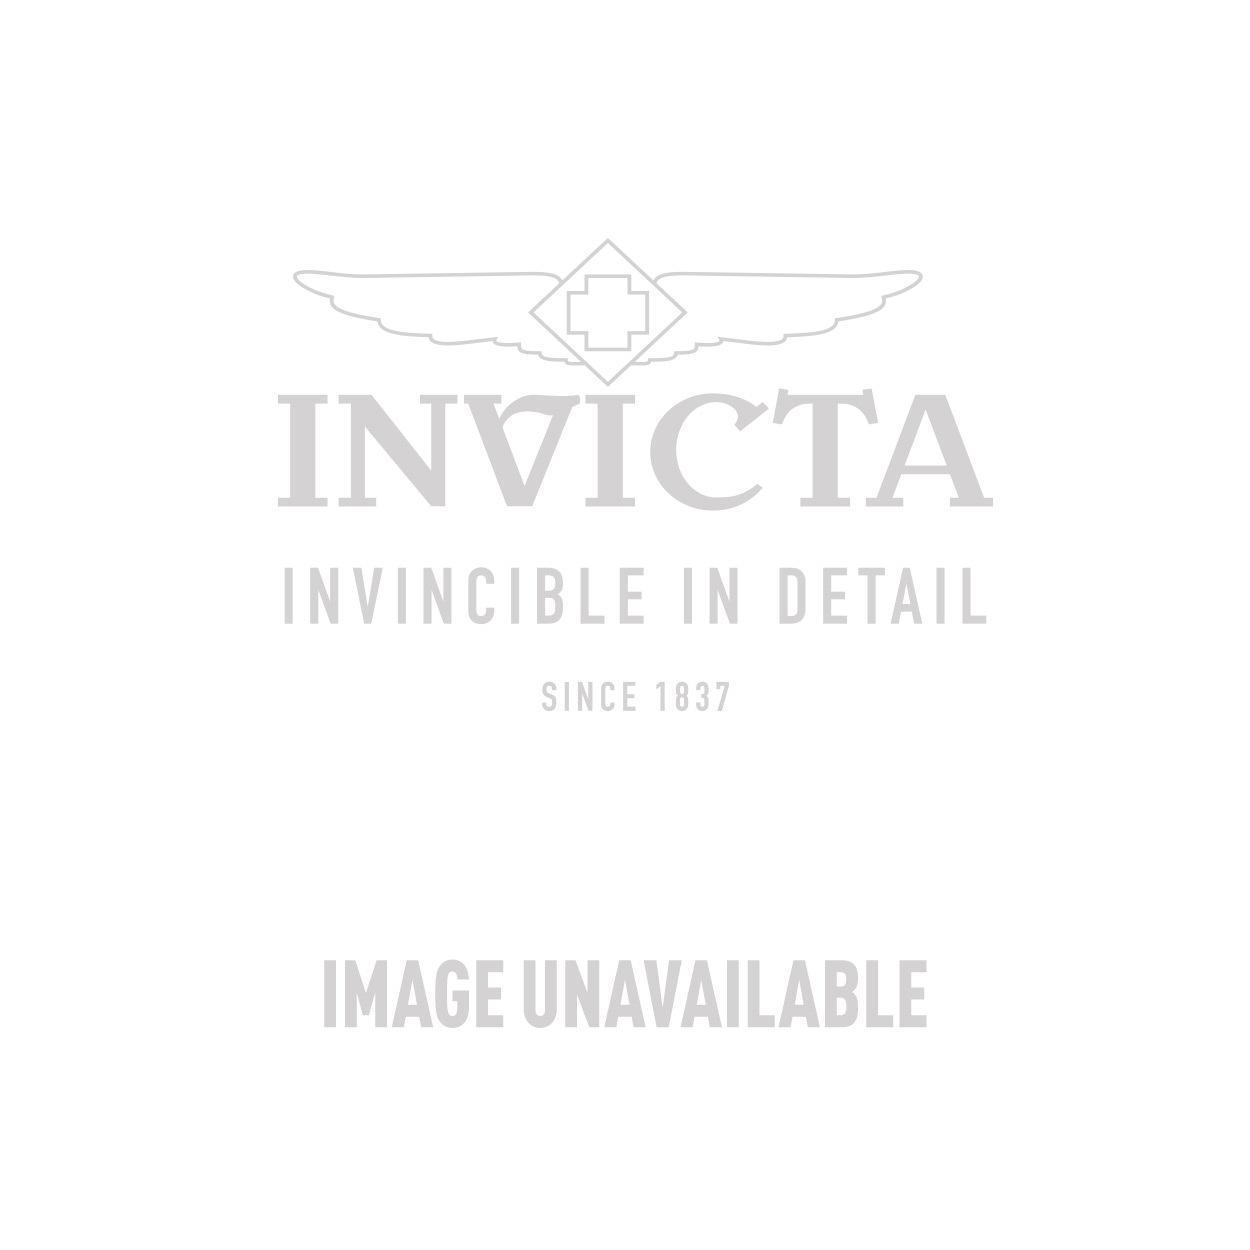 Invicta Model 25550